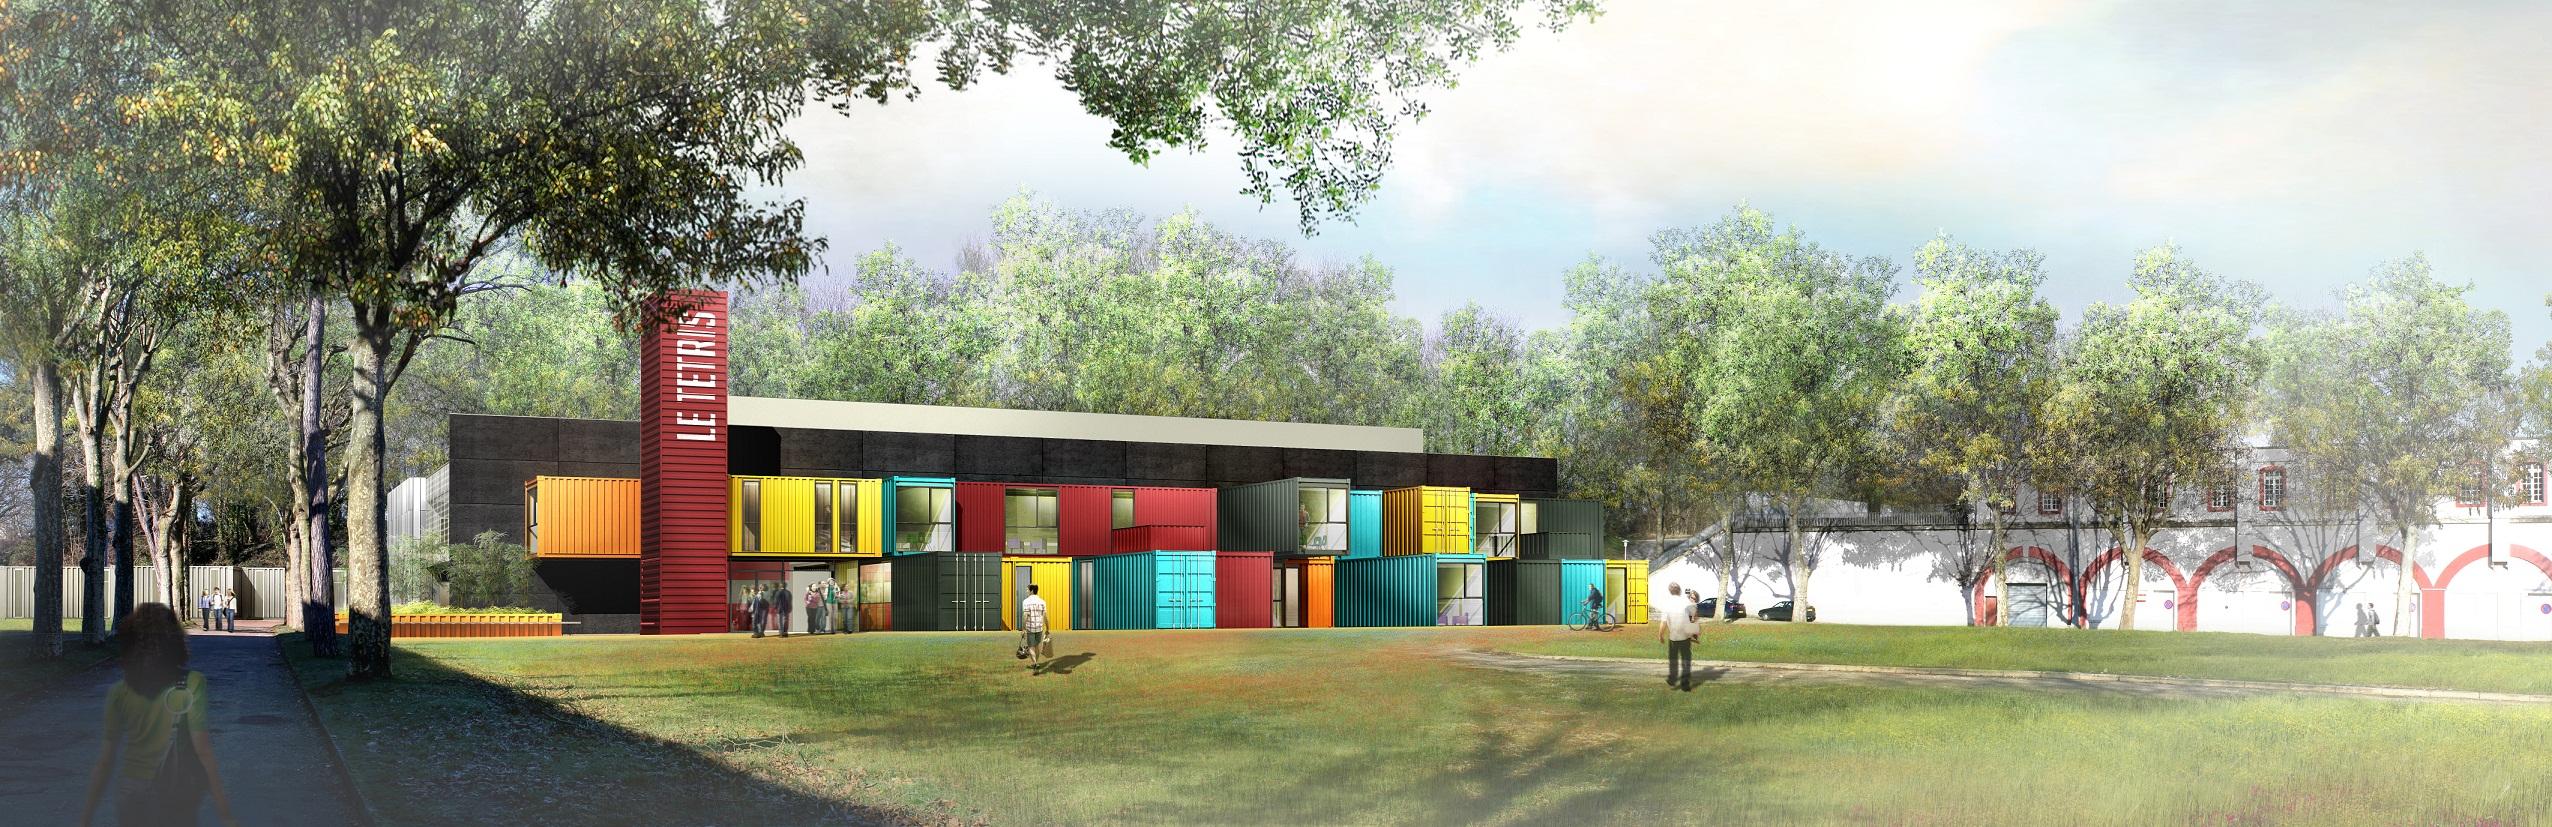 Le tetris une salle de spectacle multicolore compos e de for Tetris havre